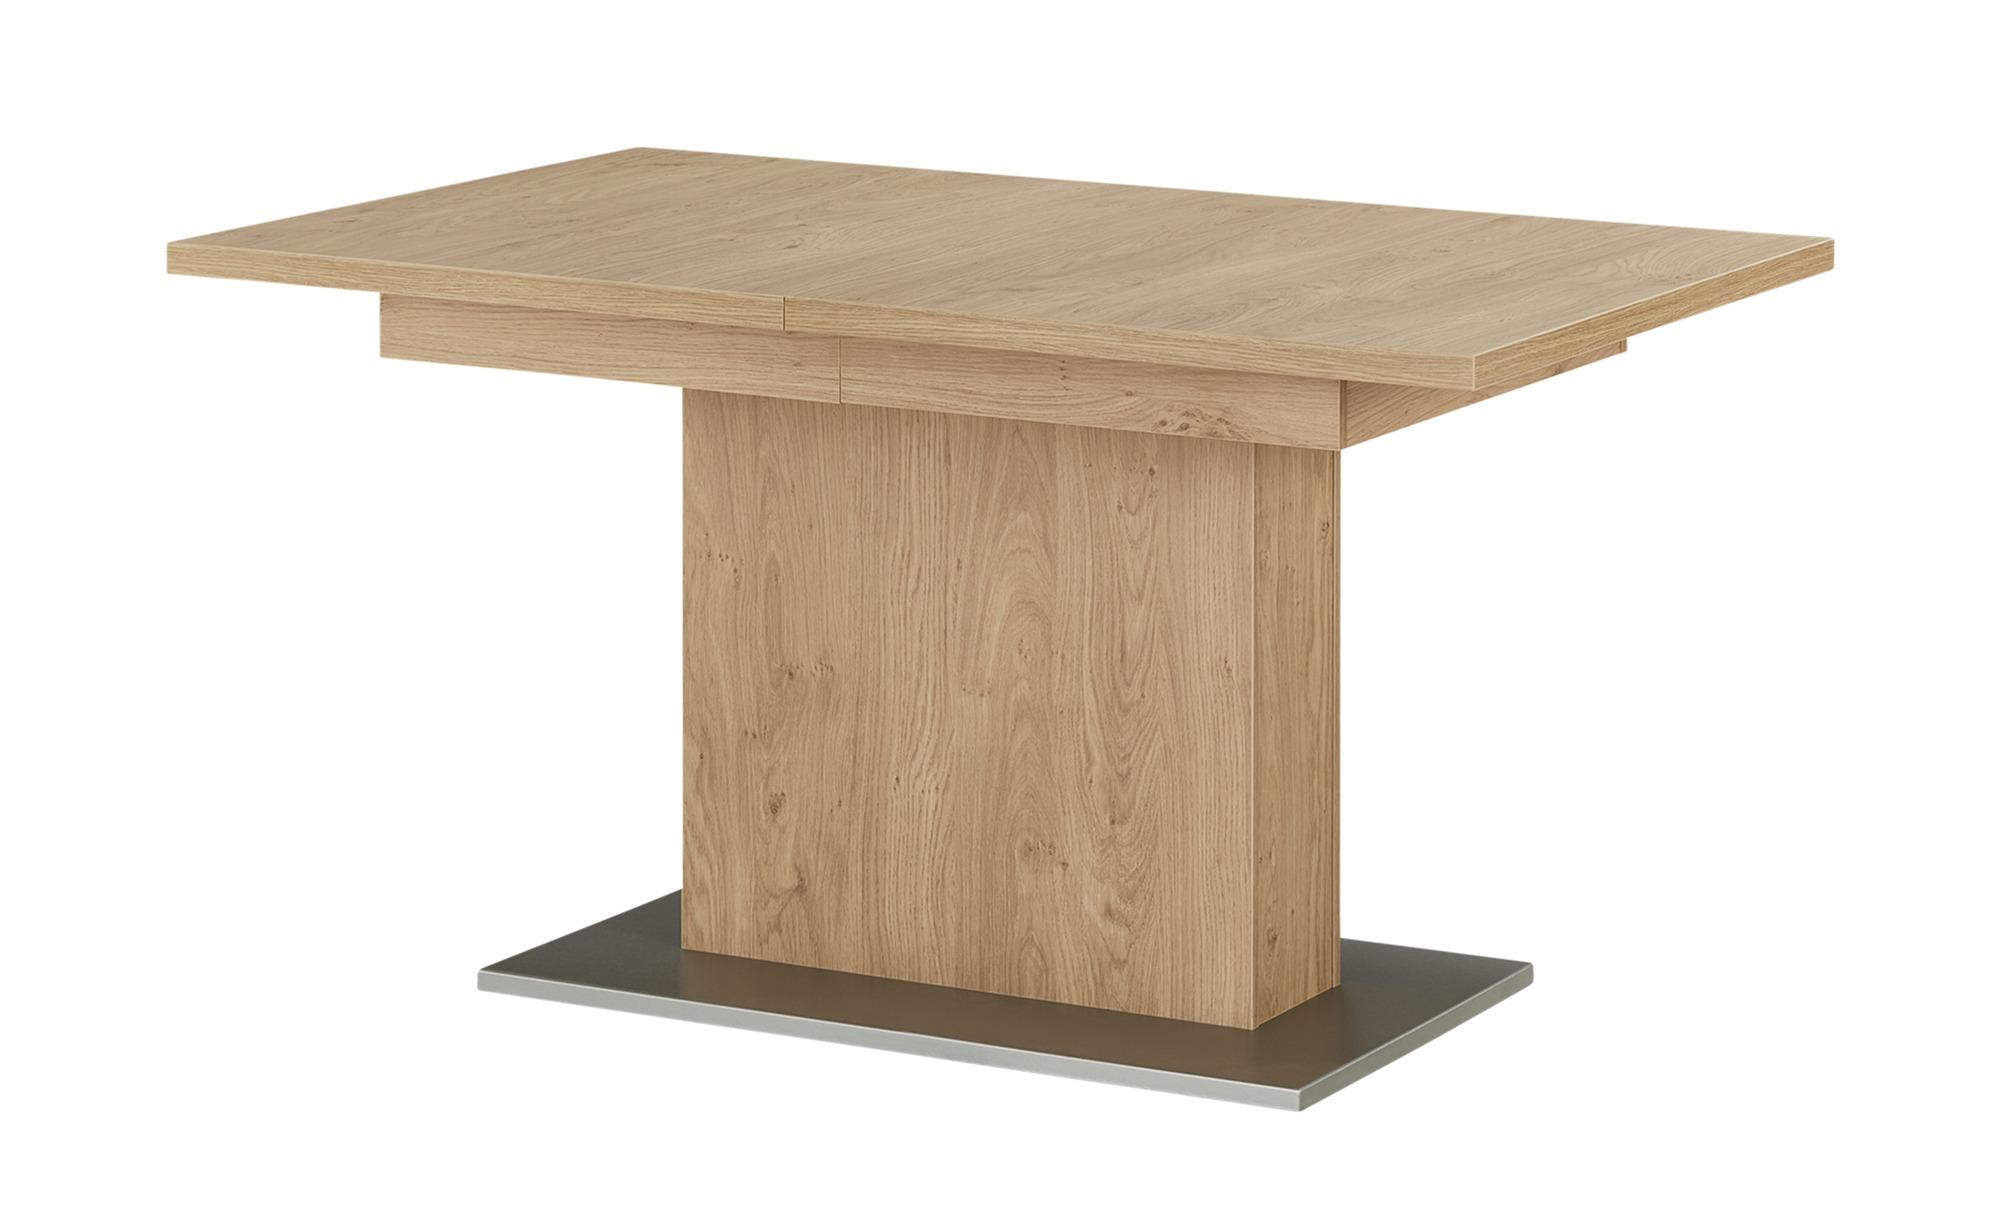 uno Esstisch  Sarah ¦ holzfarben ¦ Maße (cm): B: 90 H: 77 Tische > Esstische > Esstische ausziehbar - Höffner